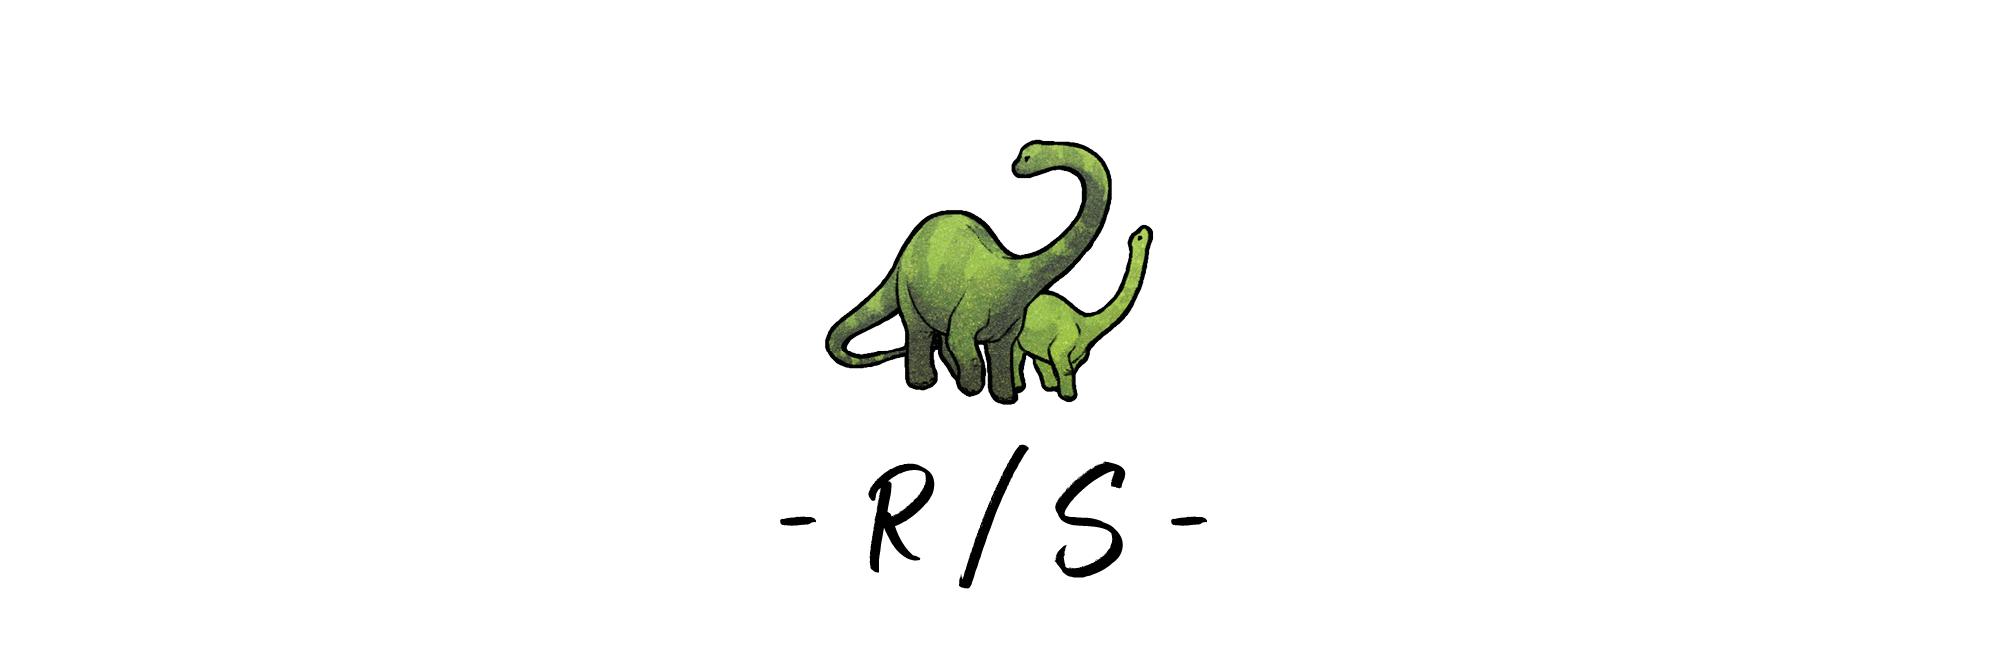 https://api.treecer.com/storage/86/R_S.png